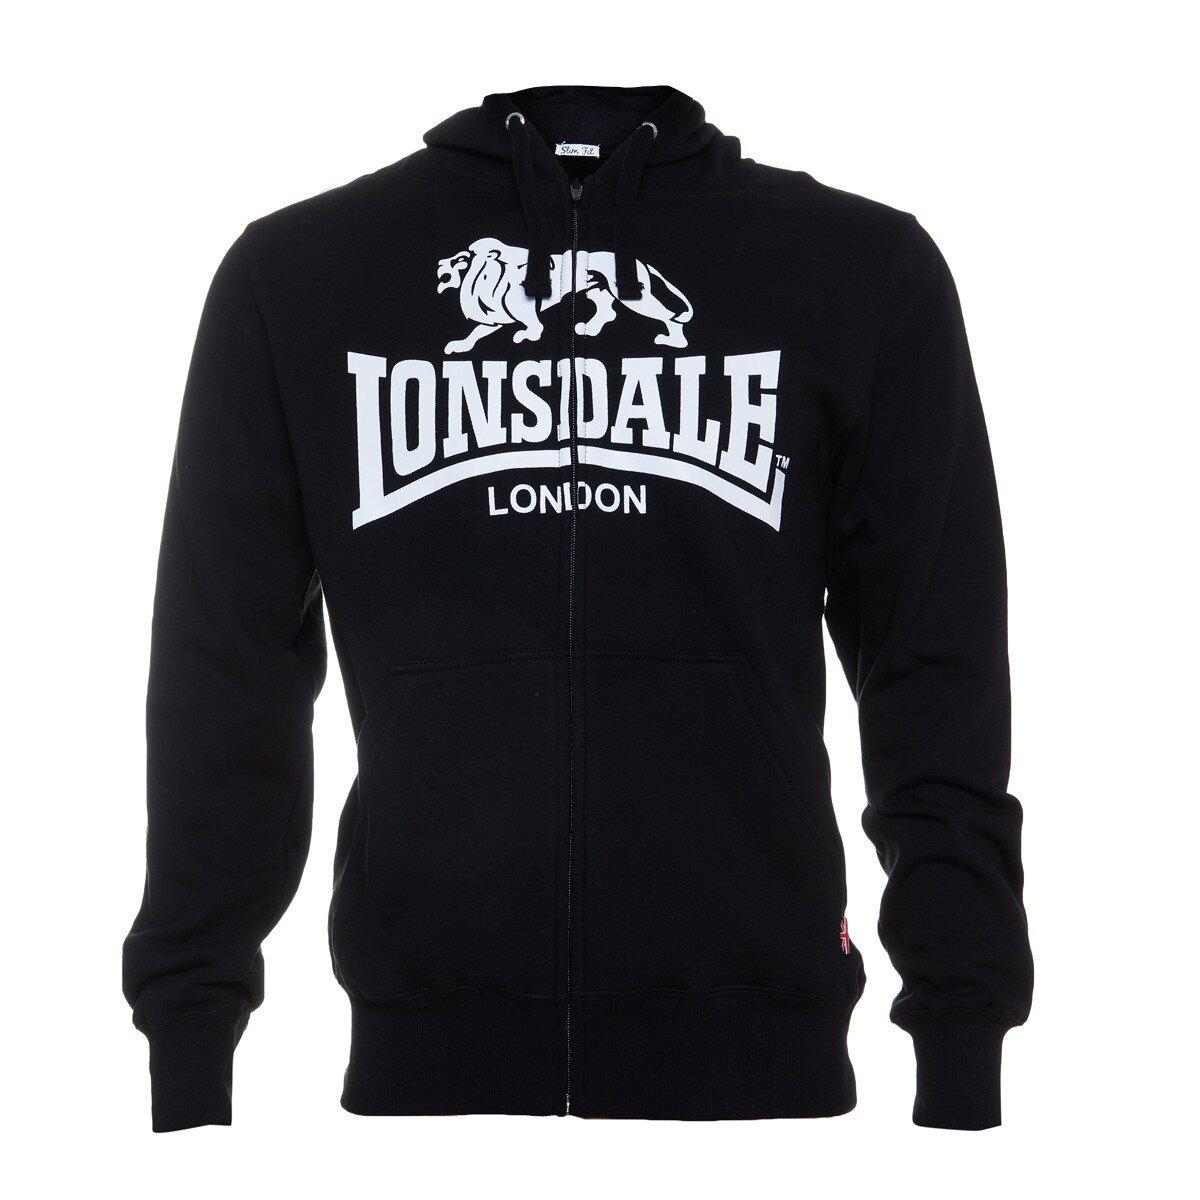 Pánska čierna mikina Lonsdale se zipem a bielou potlačou  9b1ed9f7576